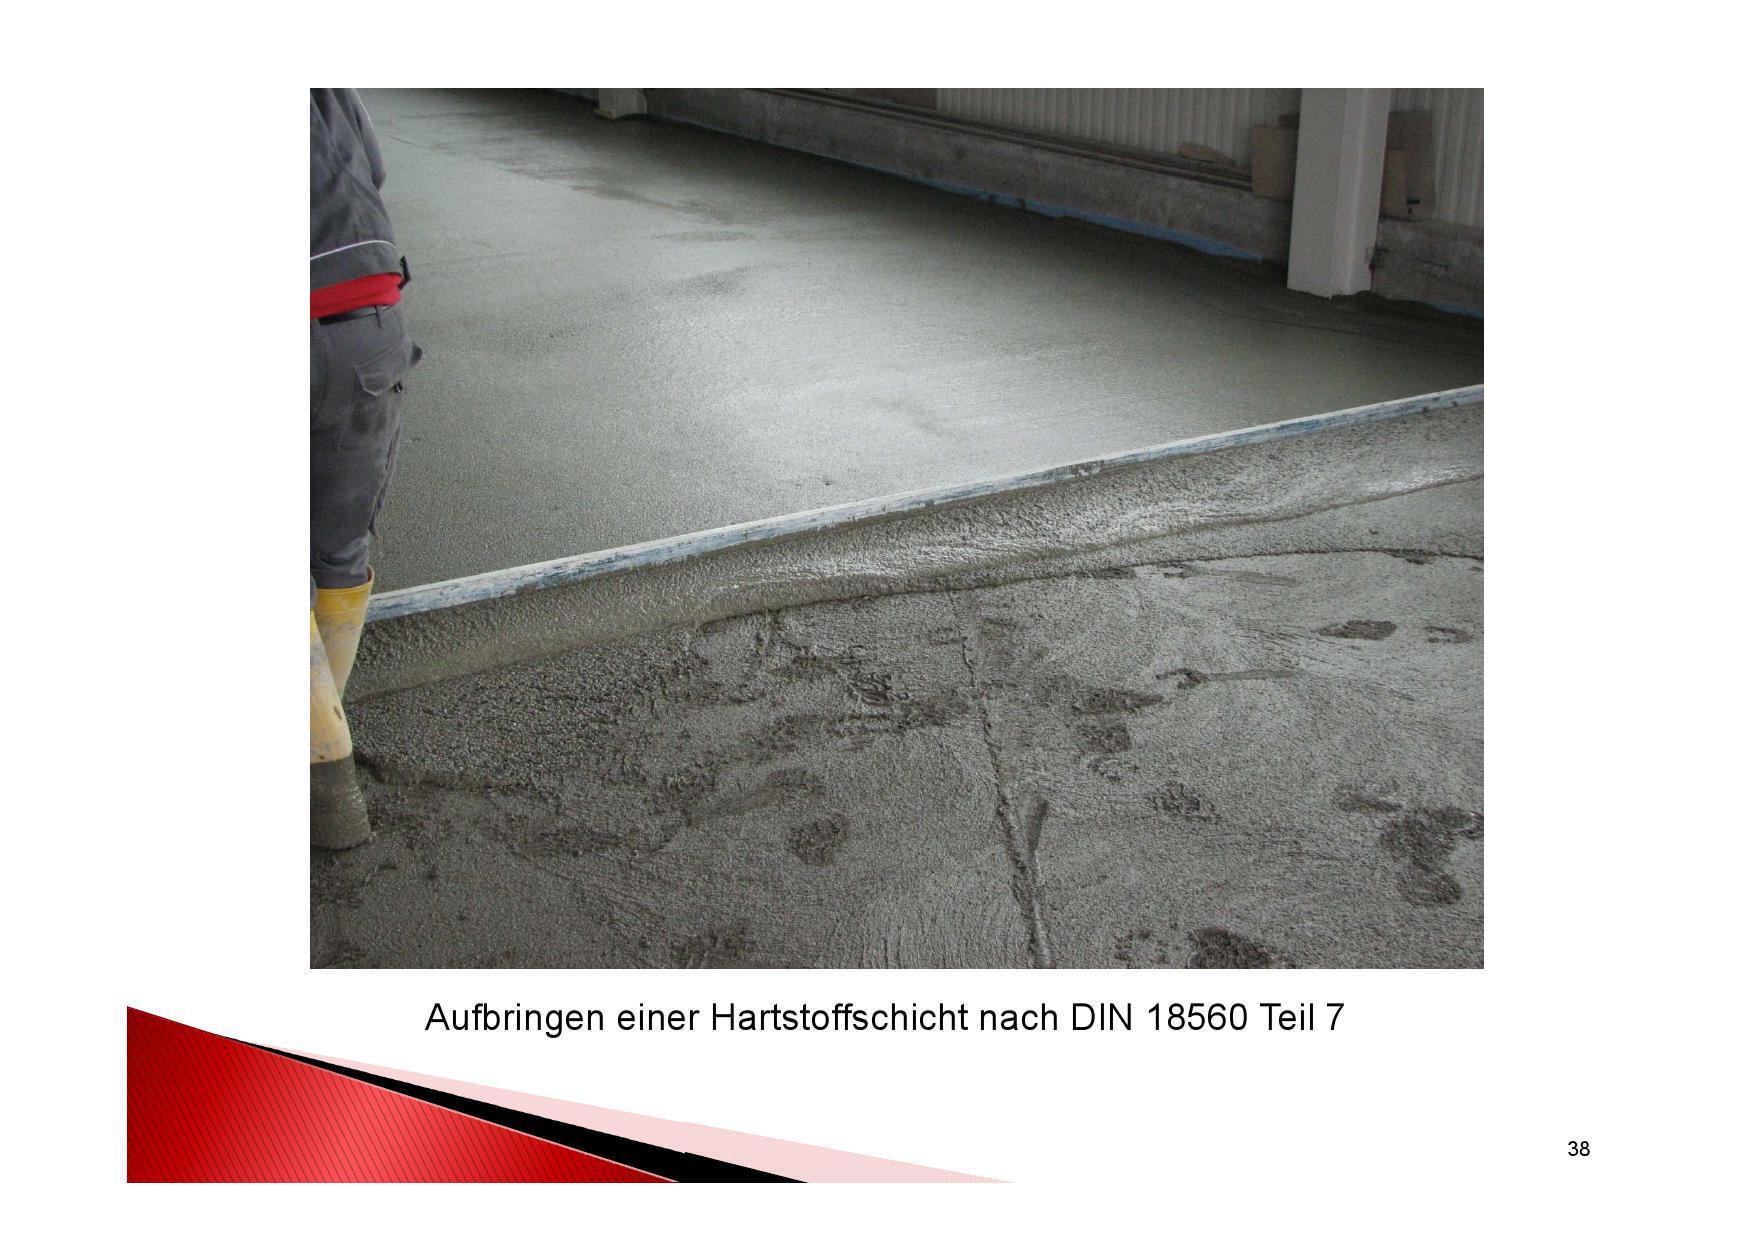 Arbeitsgang: Großflächiges aufbringen einer Hartstoffschicht nach DIN 18560